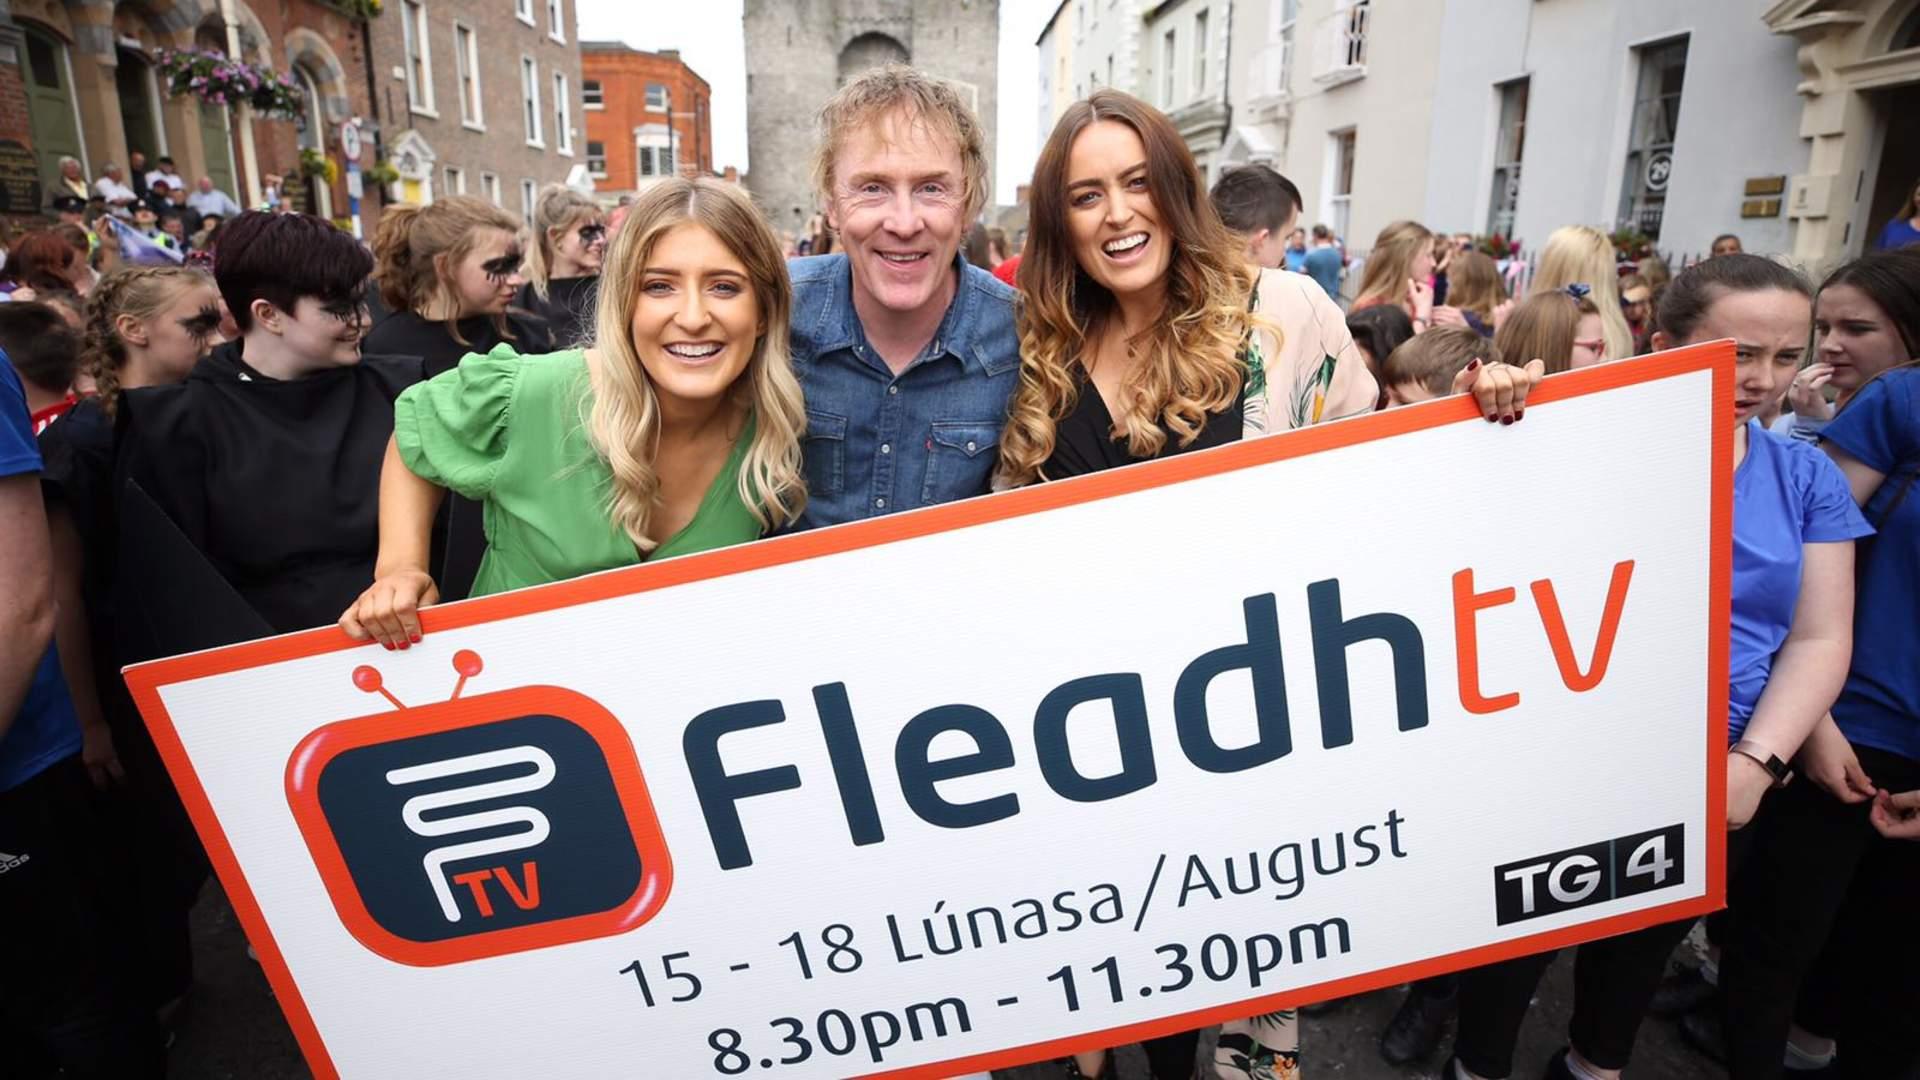 FleadhTV